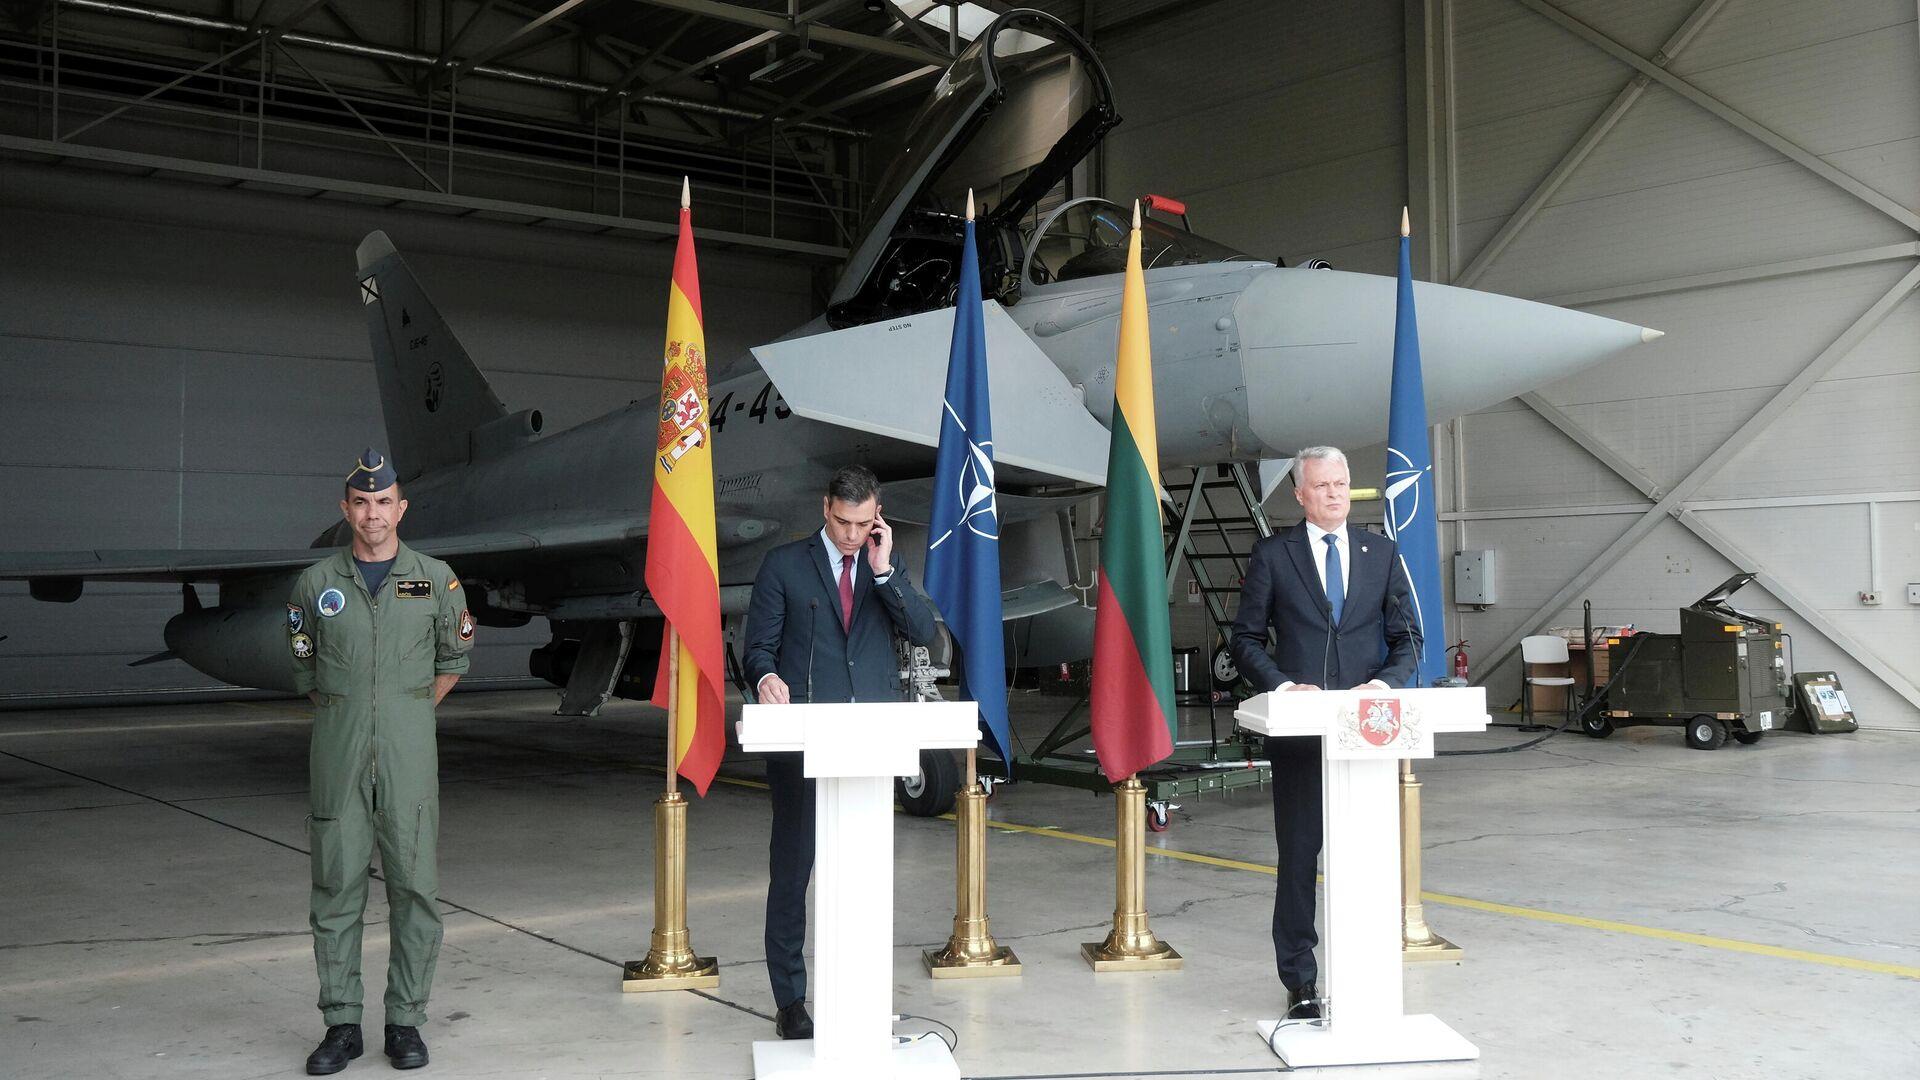 Пресс-конференция премьера Испании Педро Санчеса и президента Литвы Гитанаса Науседы на базе НАТО в литовском городе Шяуляй - РИА Новости, 1920, 08.07.2021